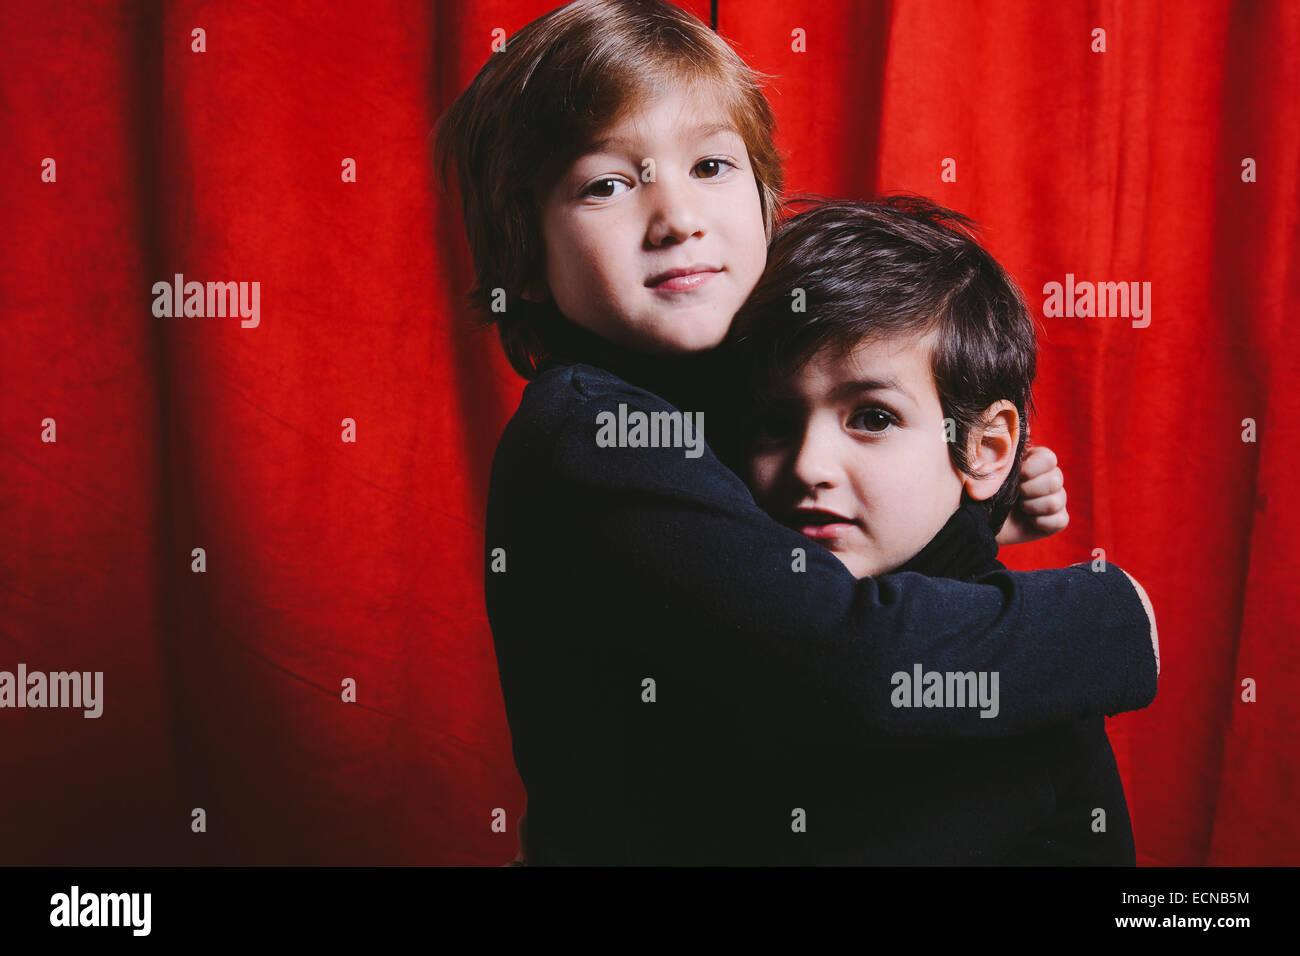 Deux garçons en sous-vêtements noirs sur une accolade Photo Stock